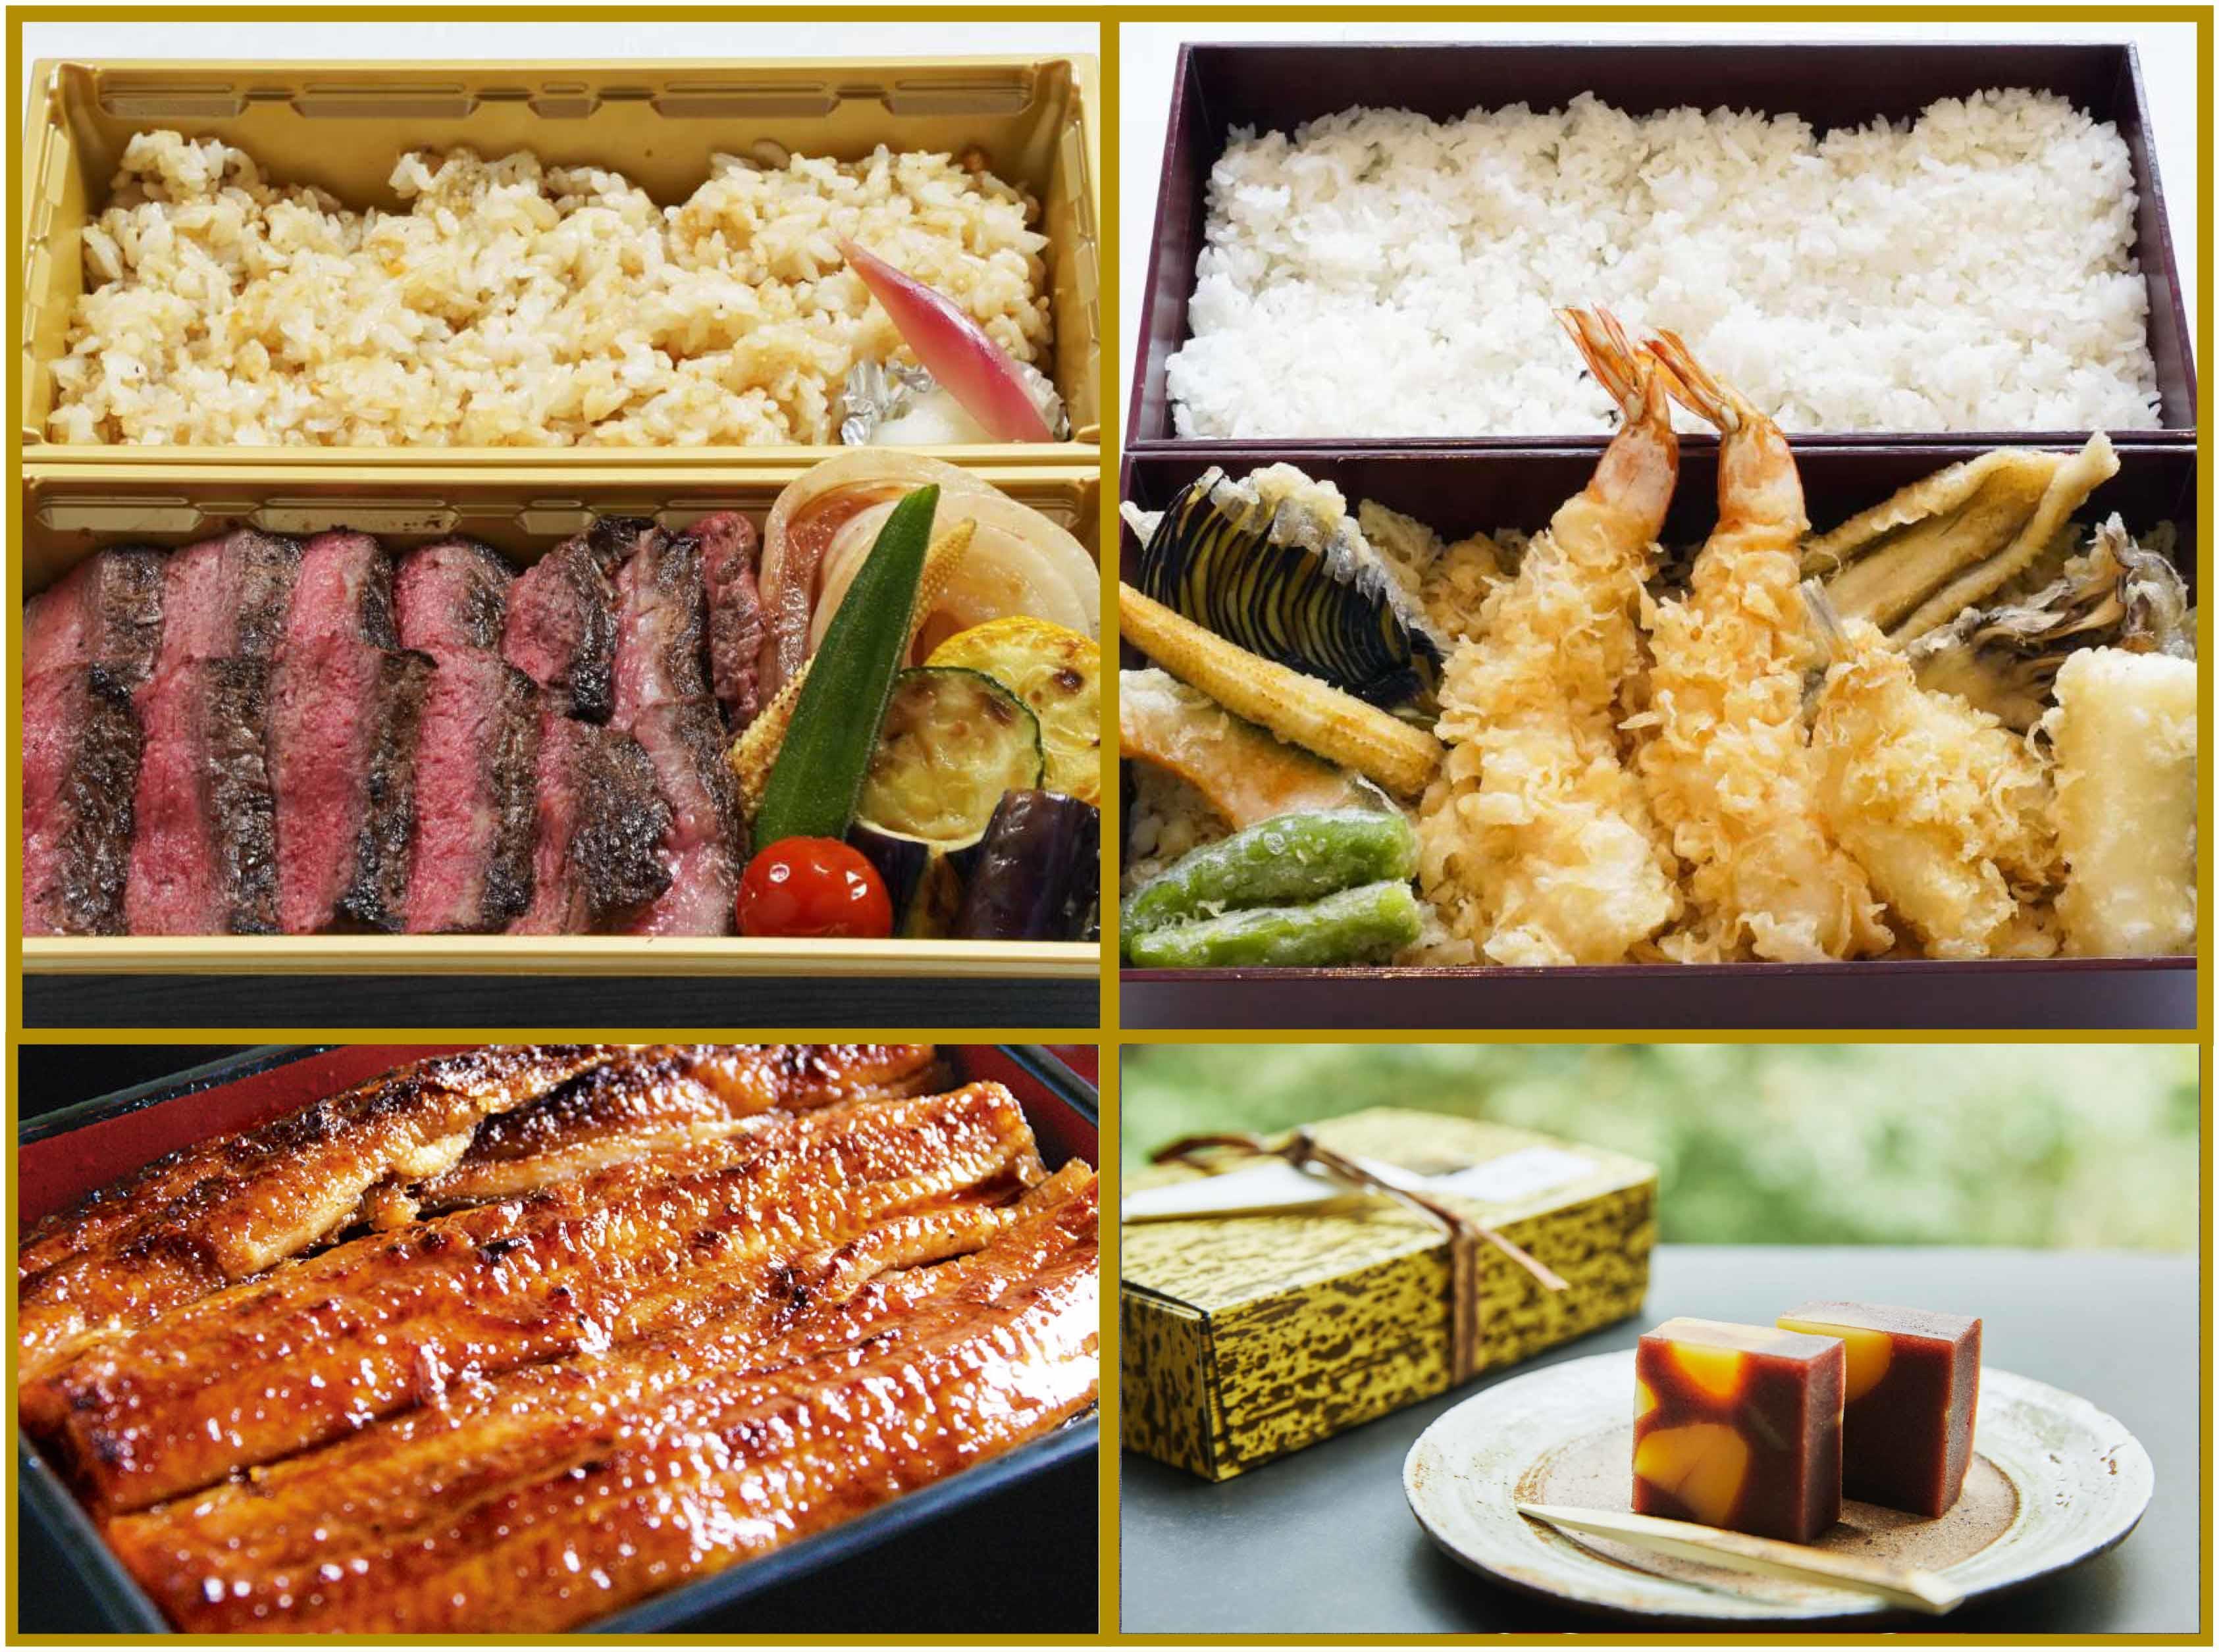 《テイクアウト》「天重・サーロインステーキ重・鰻重」 / Takeout rice box menus